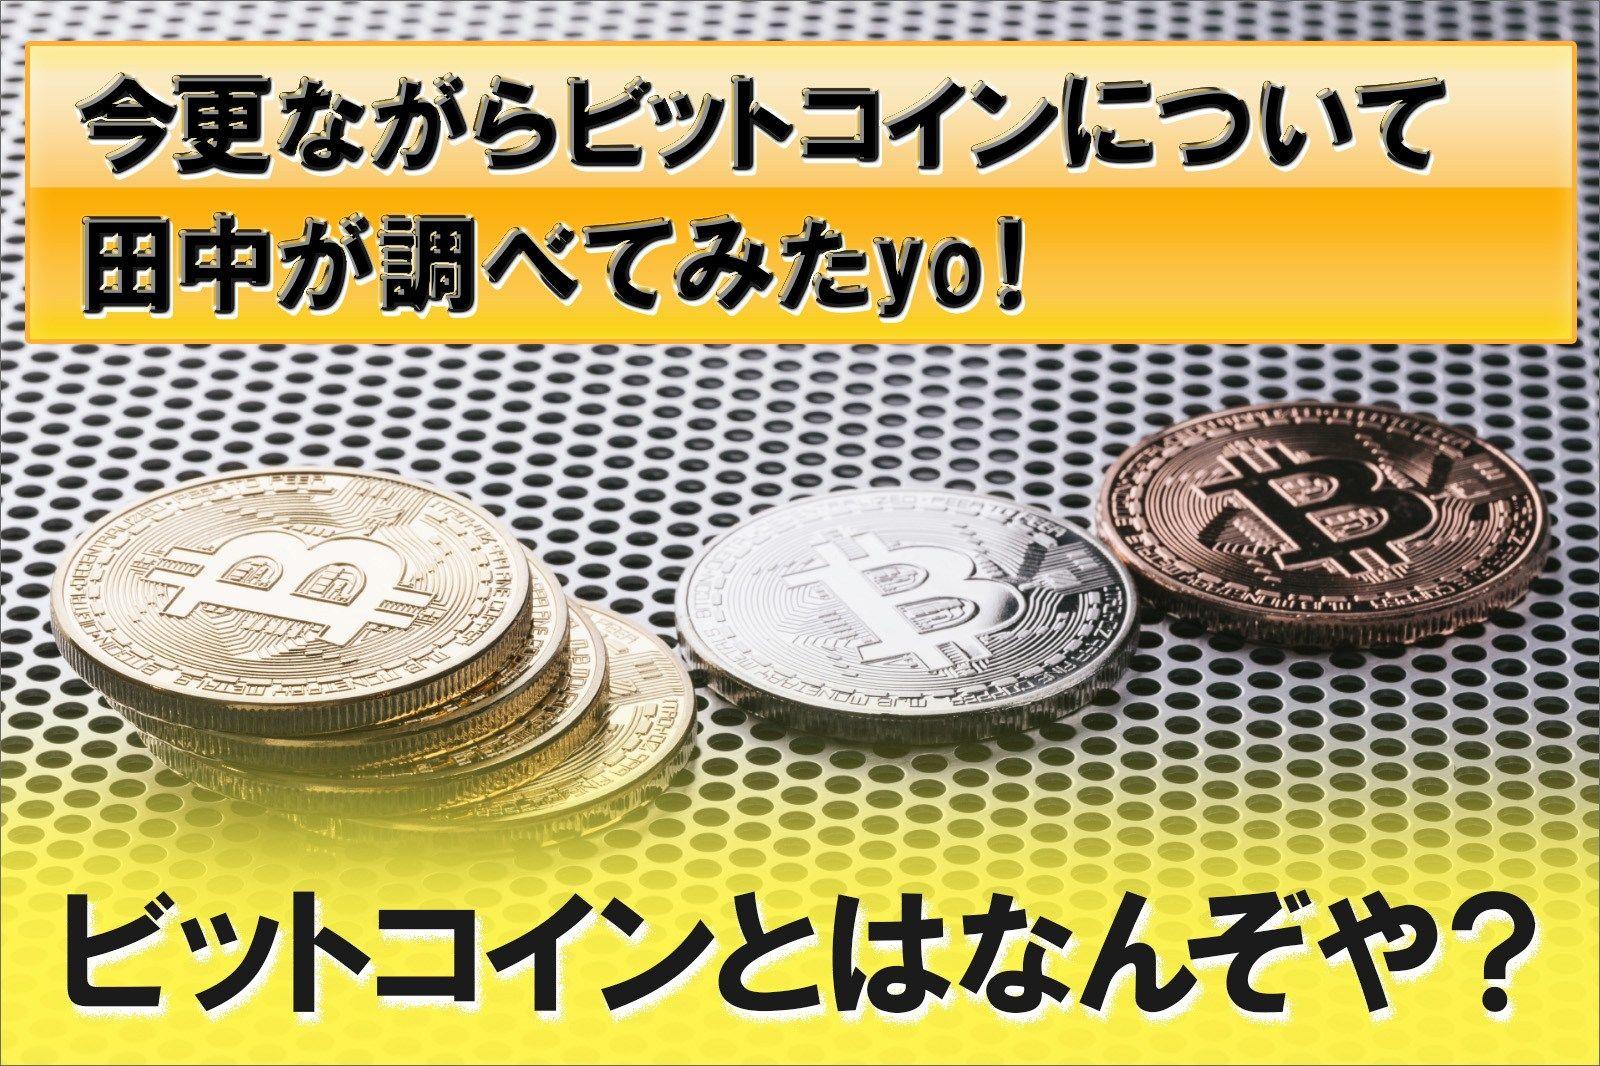 ビットコインをやった方がいい理由とやらないほうがいい9の理由【仮想通貨】